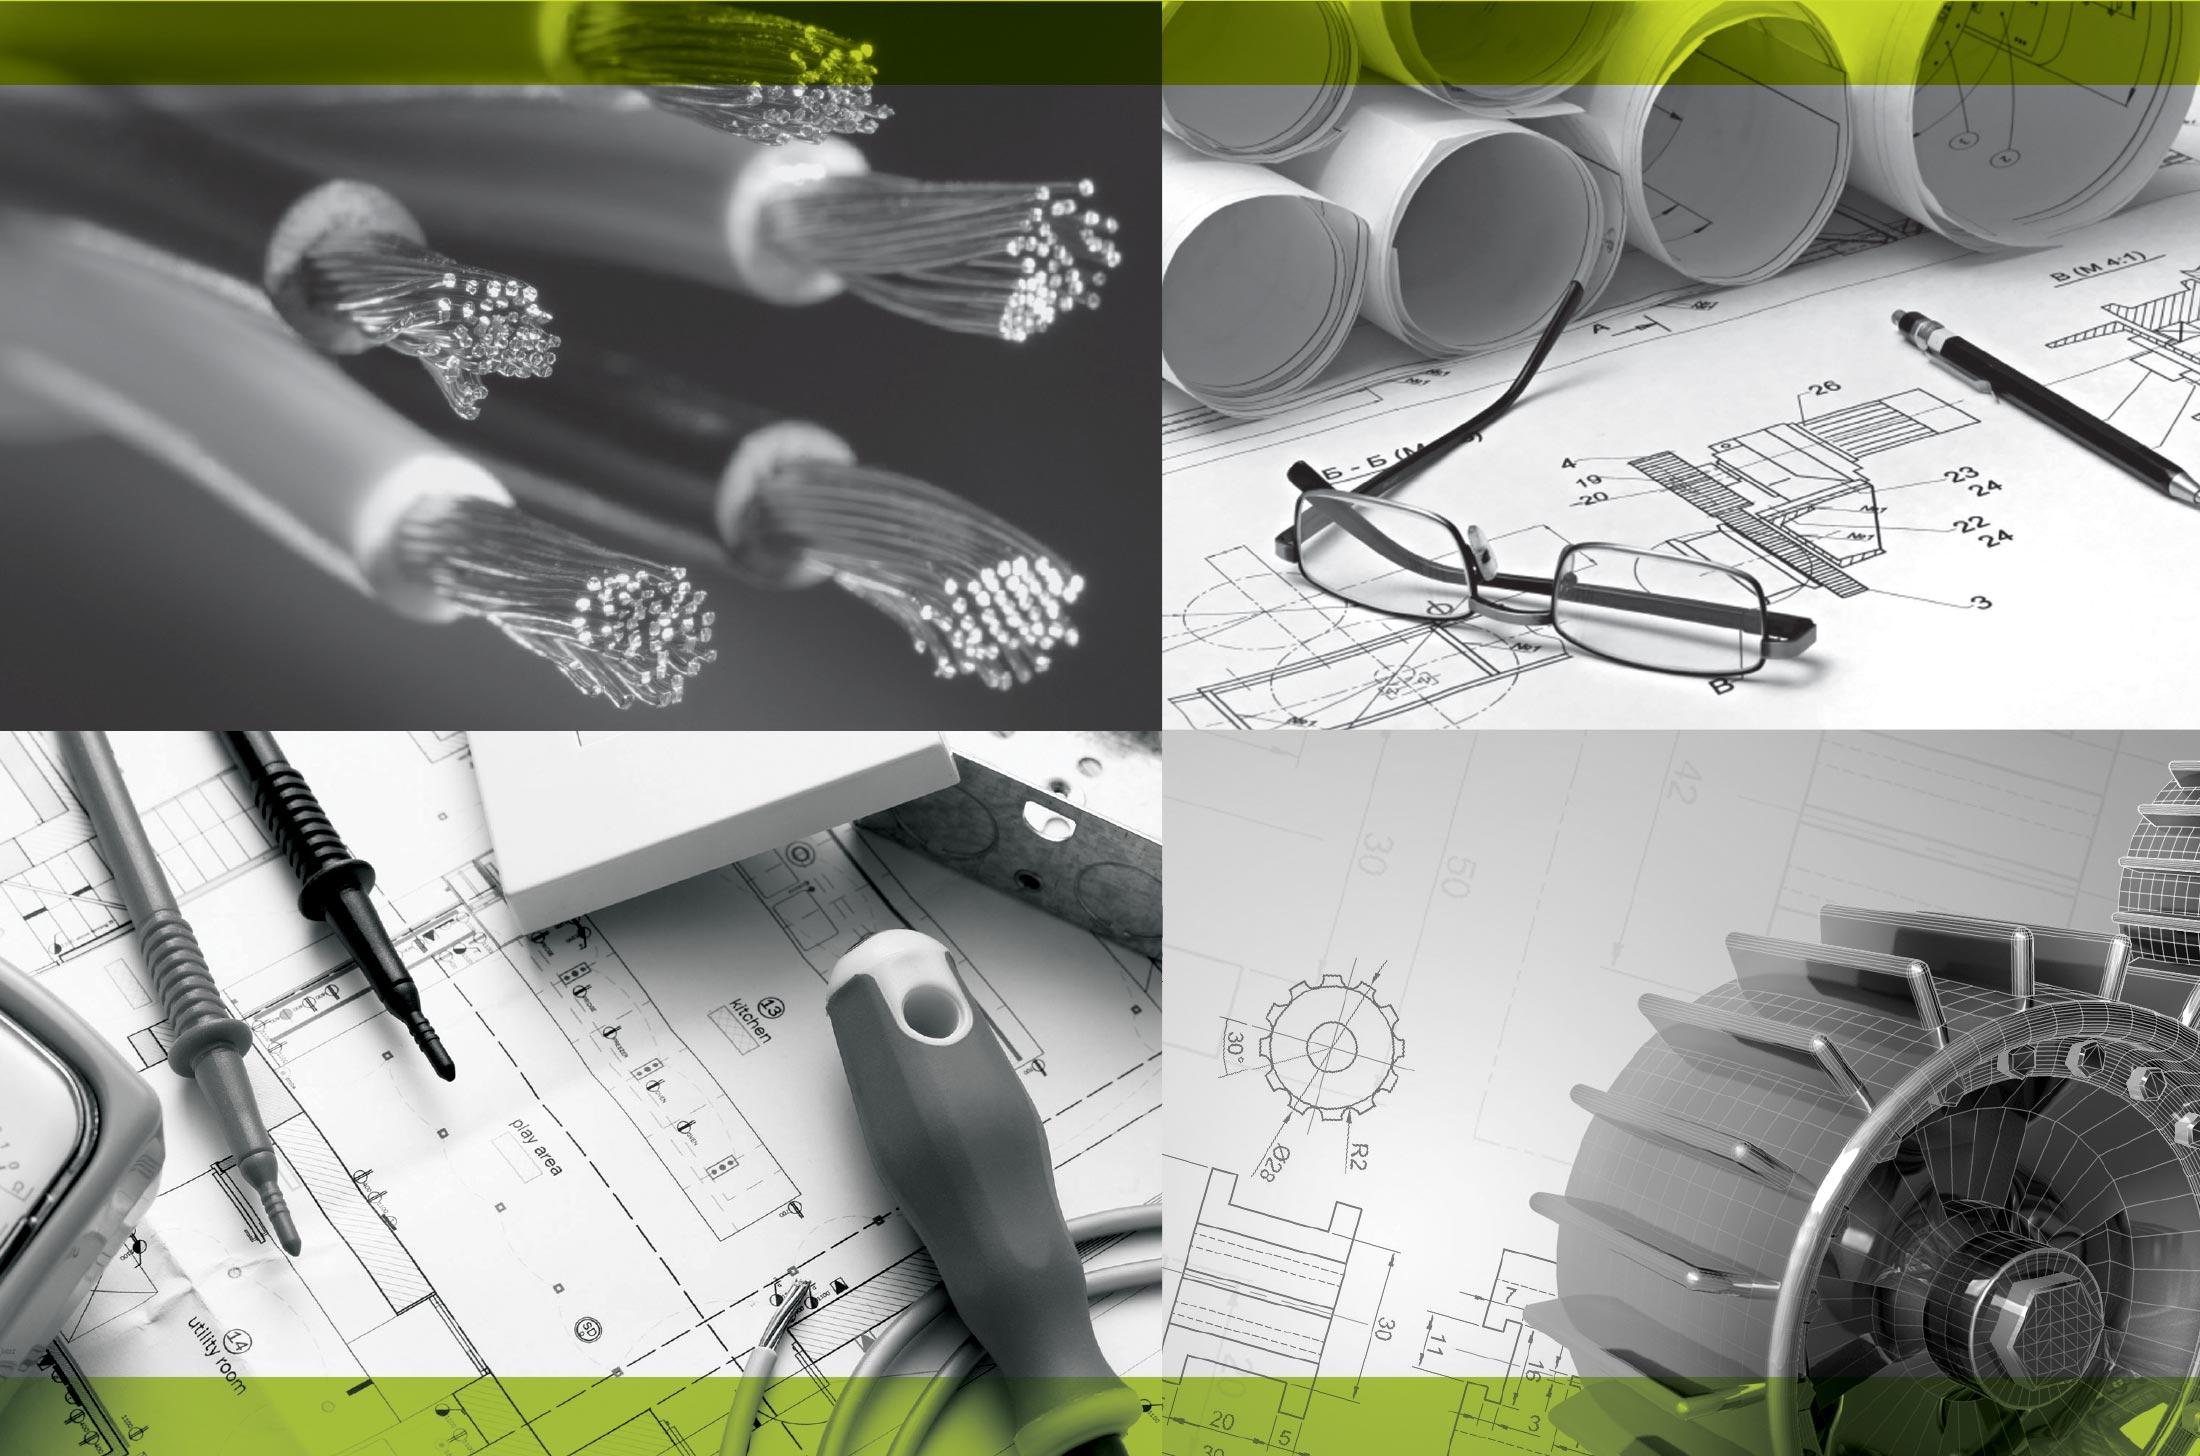 electrical design company logo inspiration